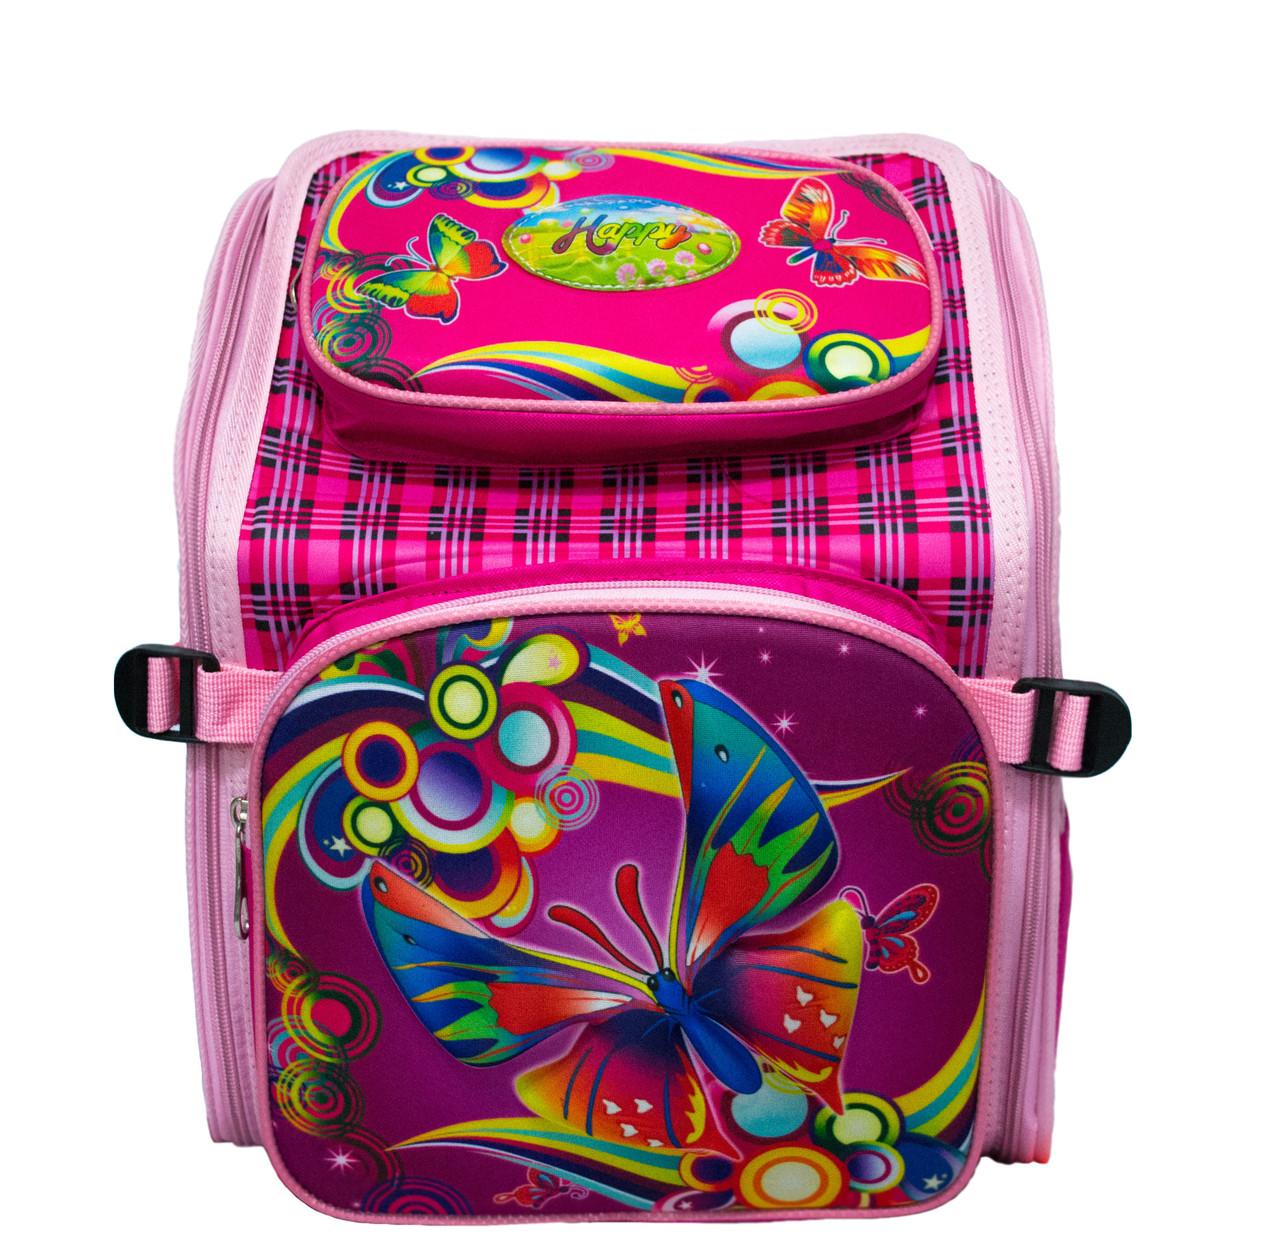 Купить рюкзак в броварах рюкзак kite style 853